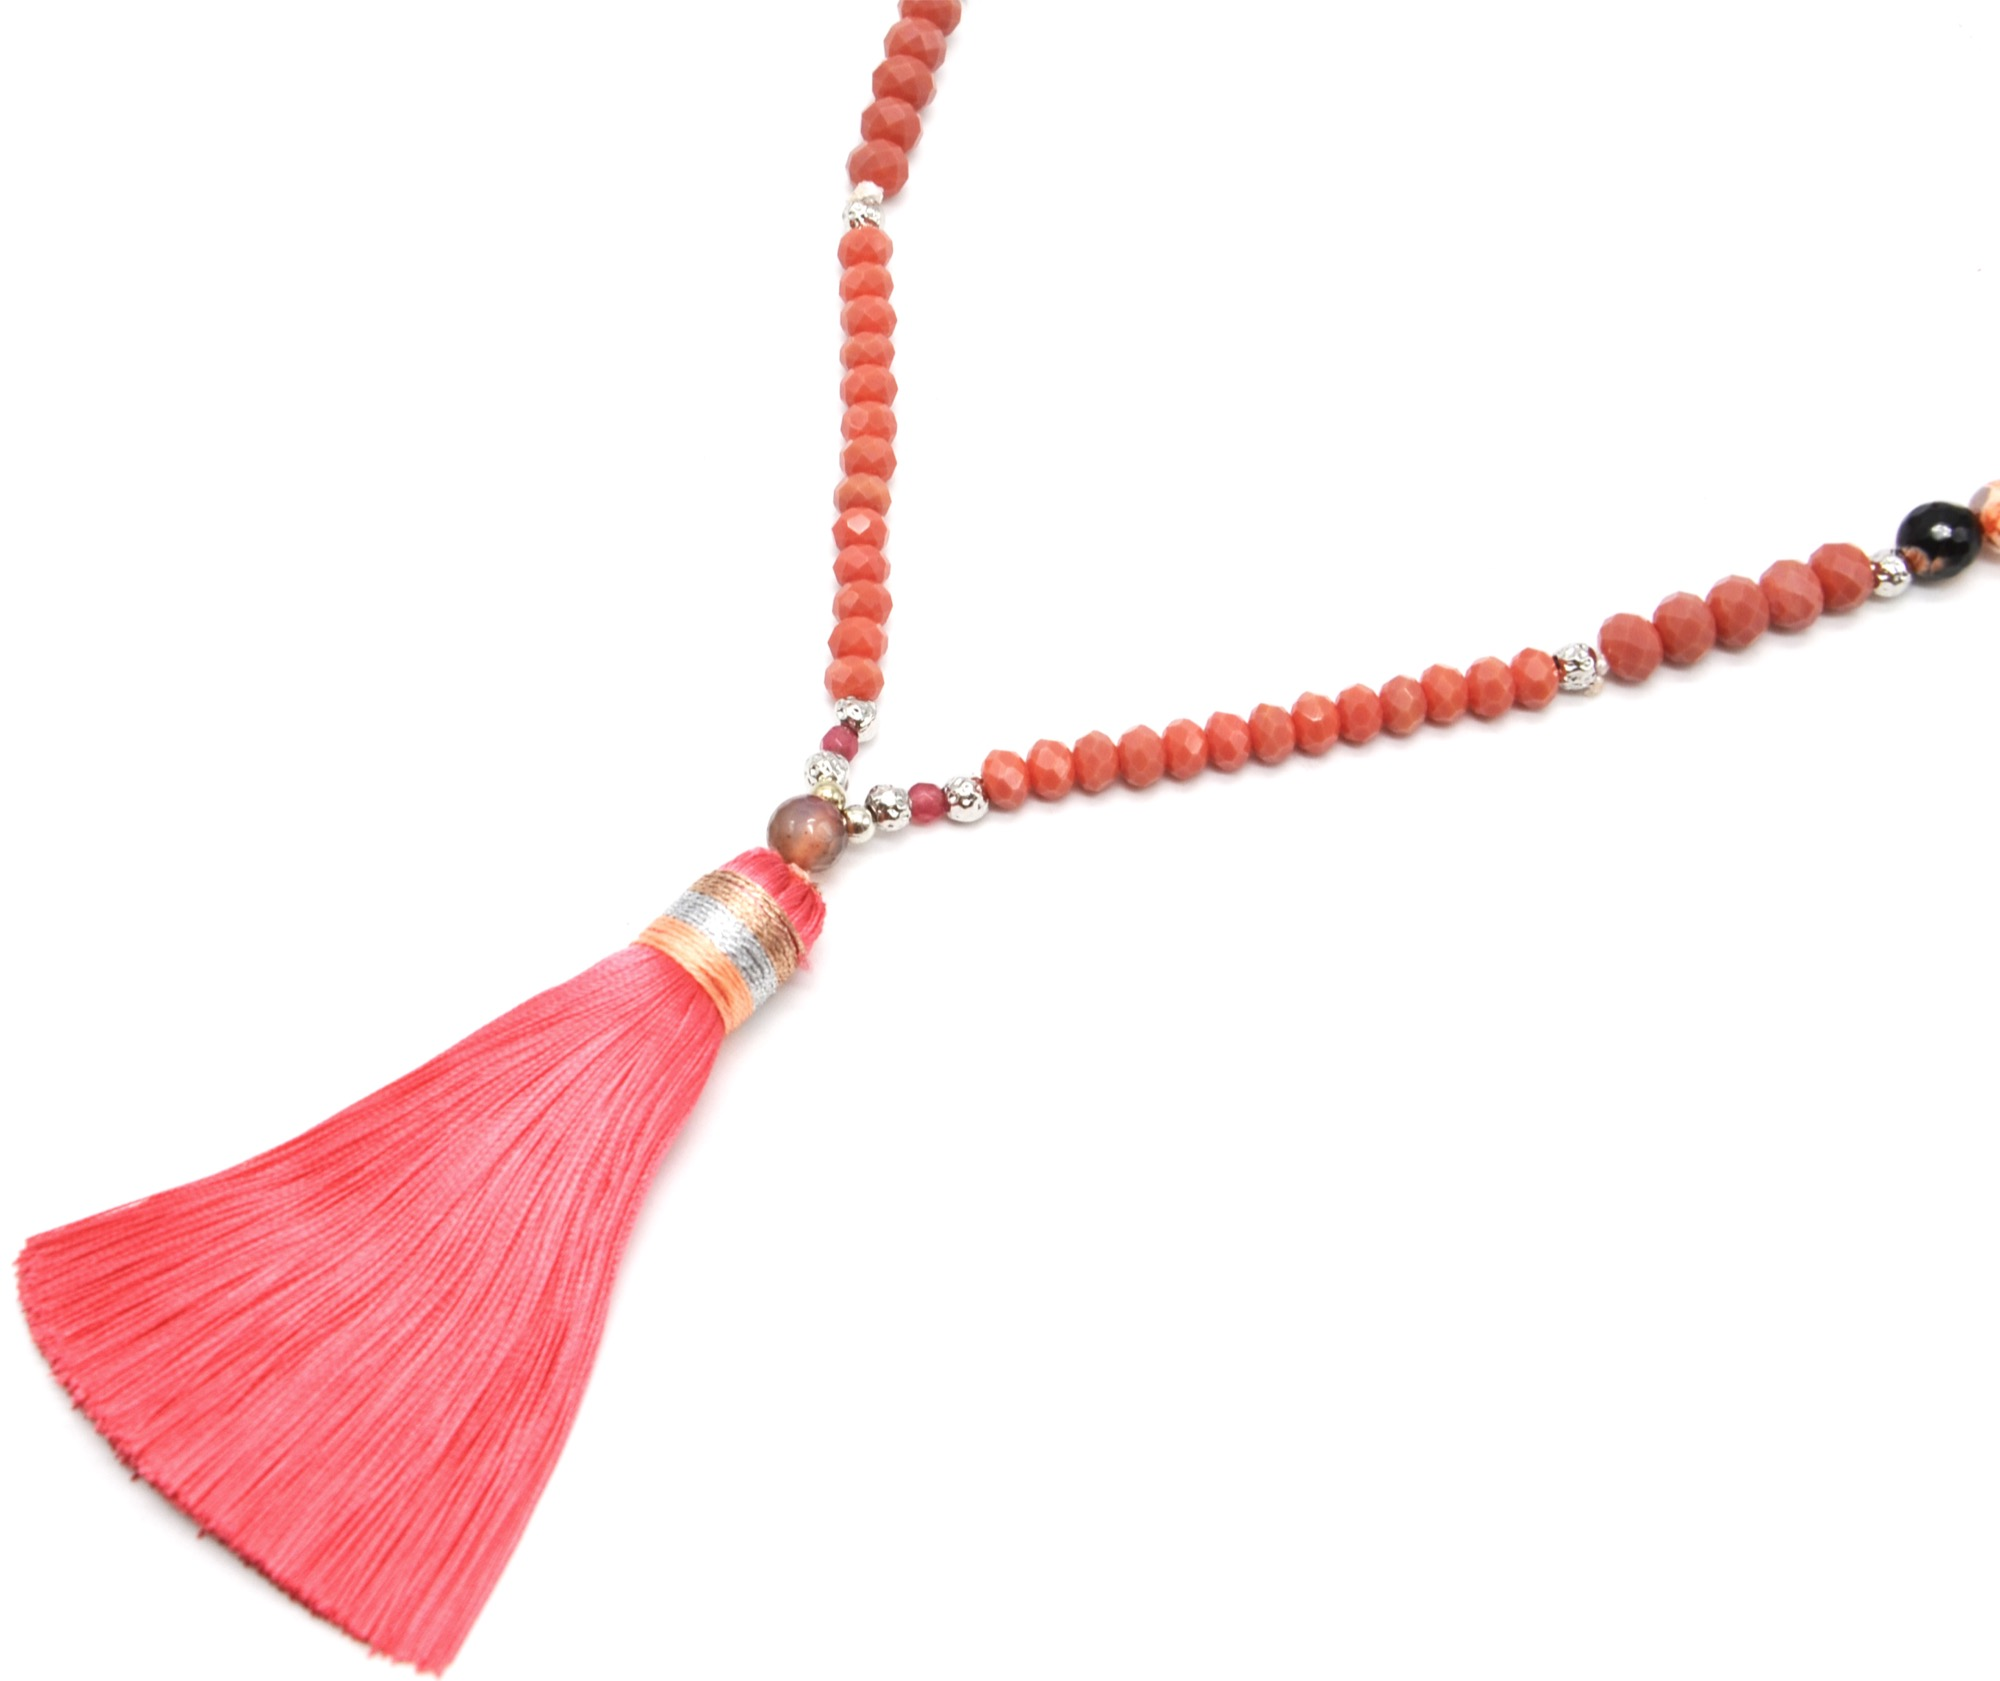 Sautoir Collier Perles Brillantes avec Pendentif Pompon Fils Rose CL1925F